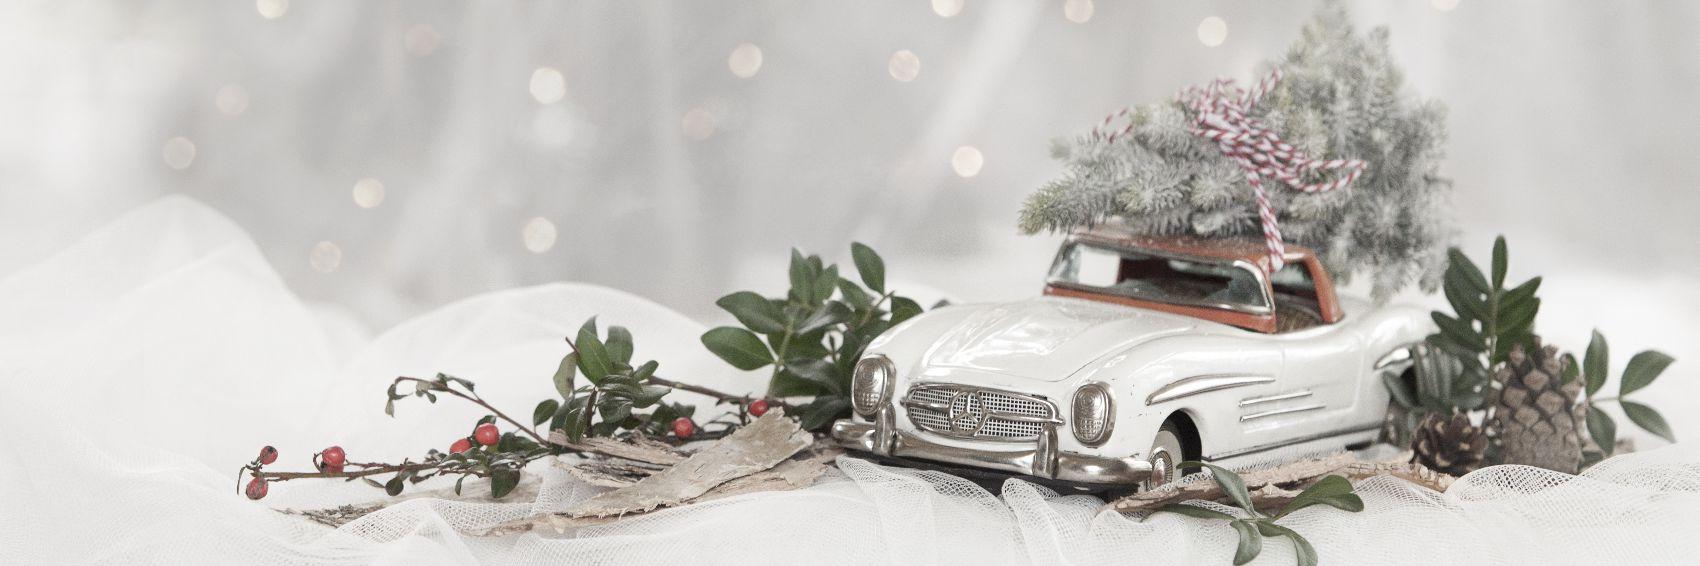 Öffnungszeiten Weihnachten & Neujahr